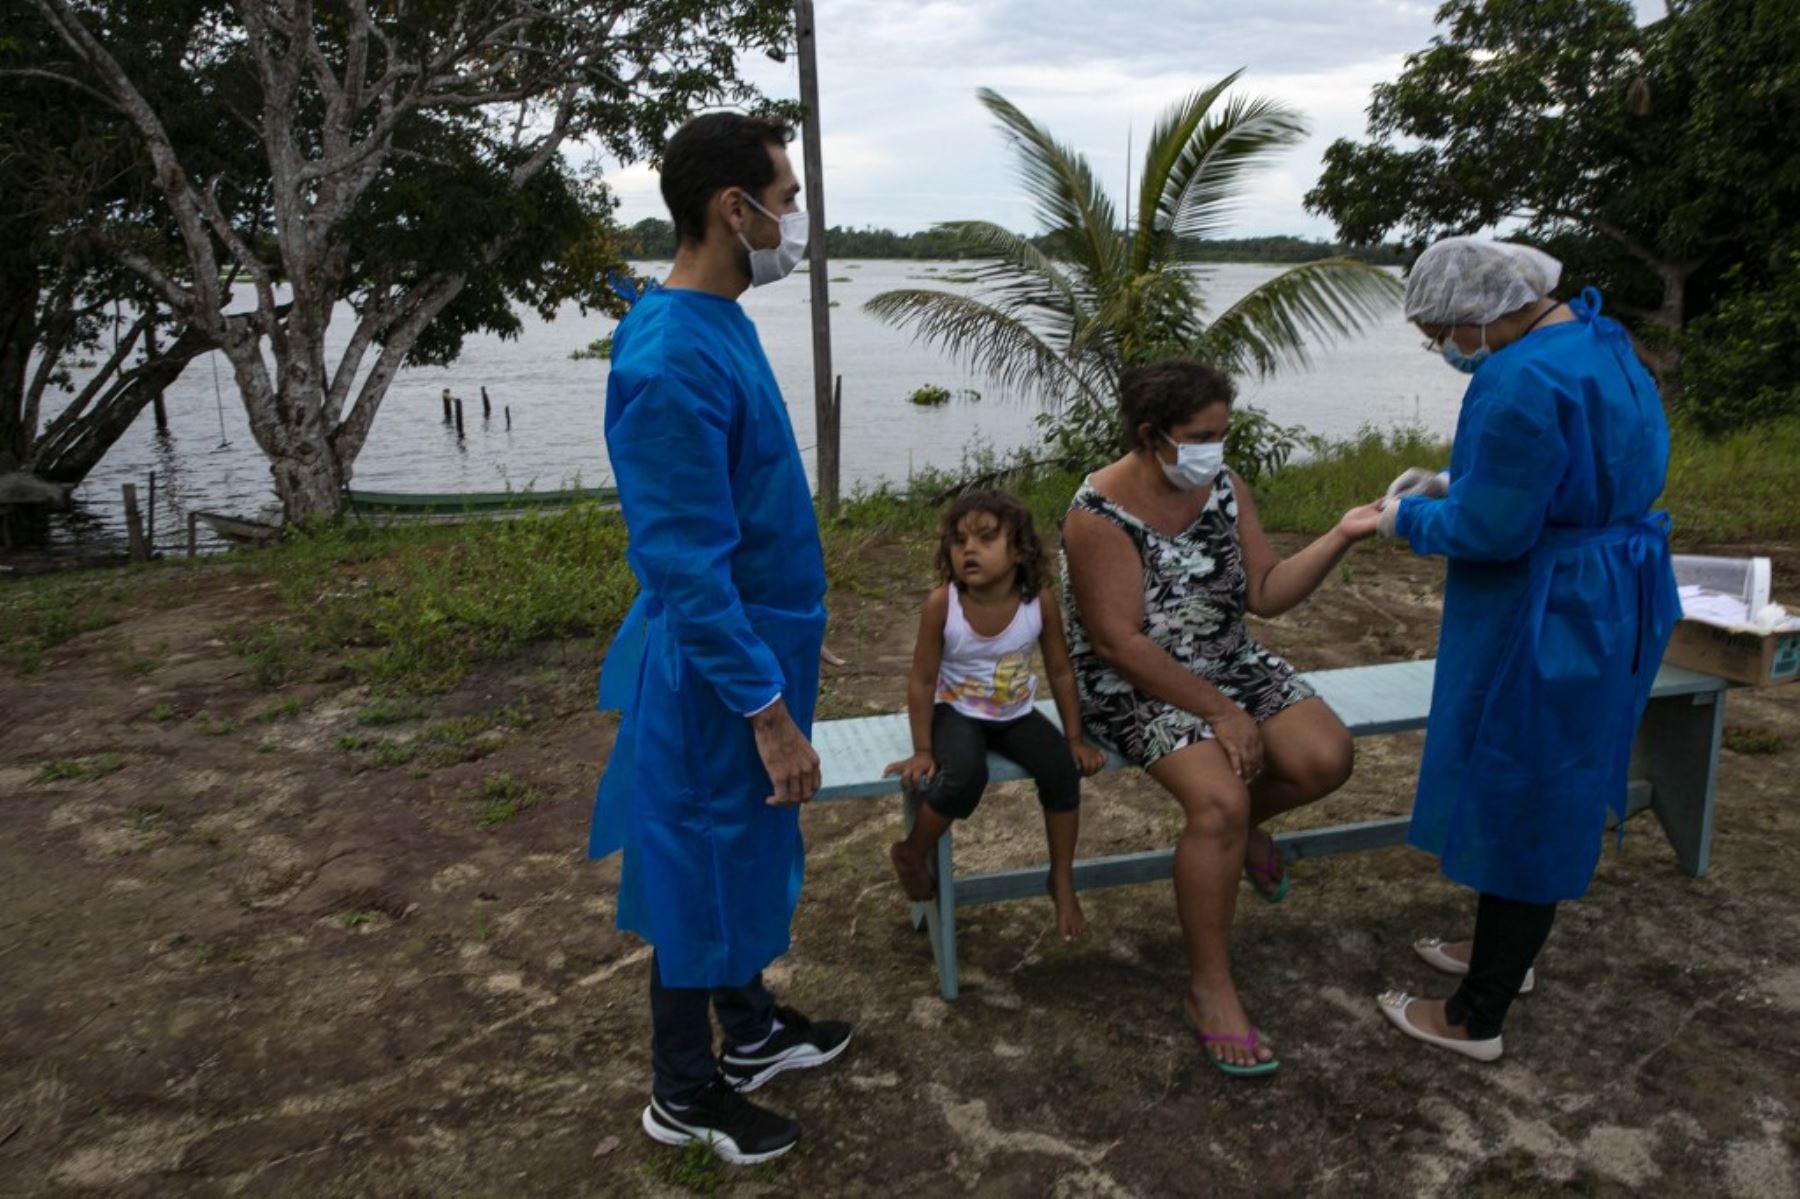 Los trabajadores de salud del gobierno evalúan a un residente de la comunidad ribereña de Roli Madeira en medio de la preocupación por la propagación del coronavirus COVID-19. Foto: AFP